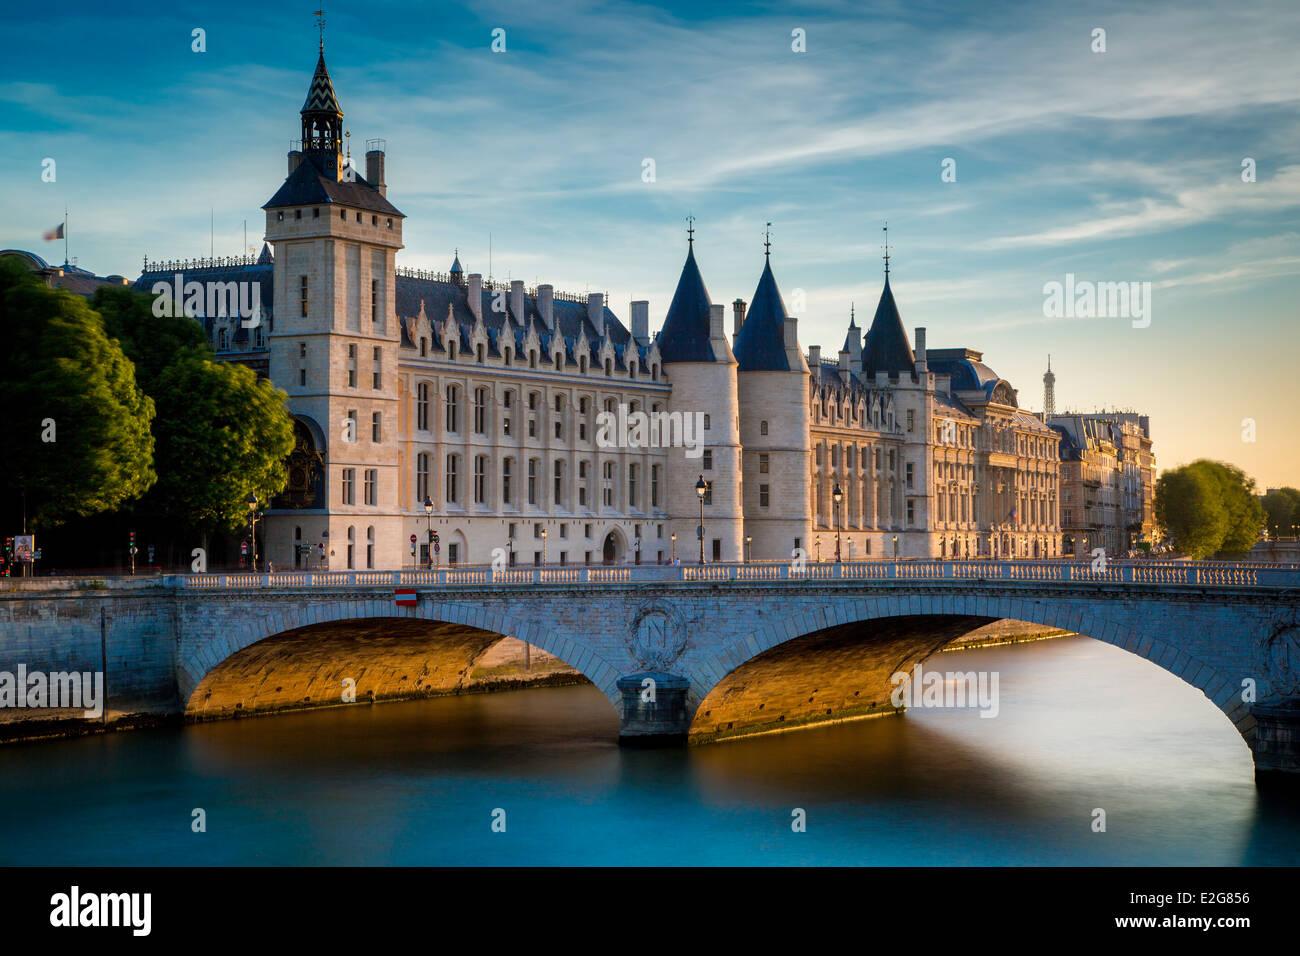 The Conciergerie, Pont au Change and River Seine, Paris France Stock Photo